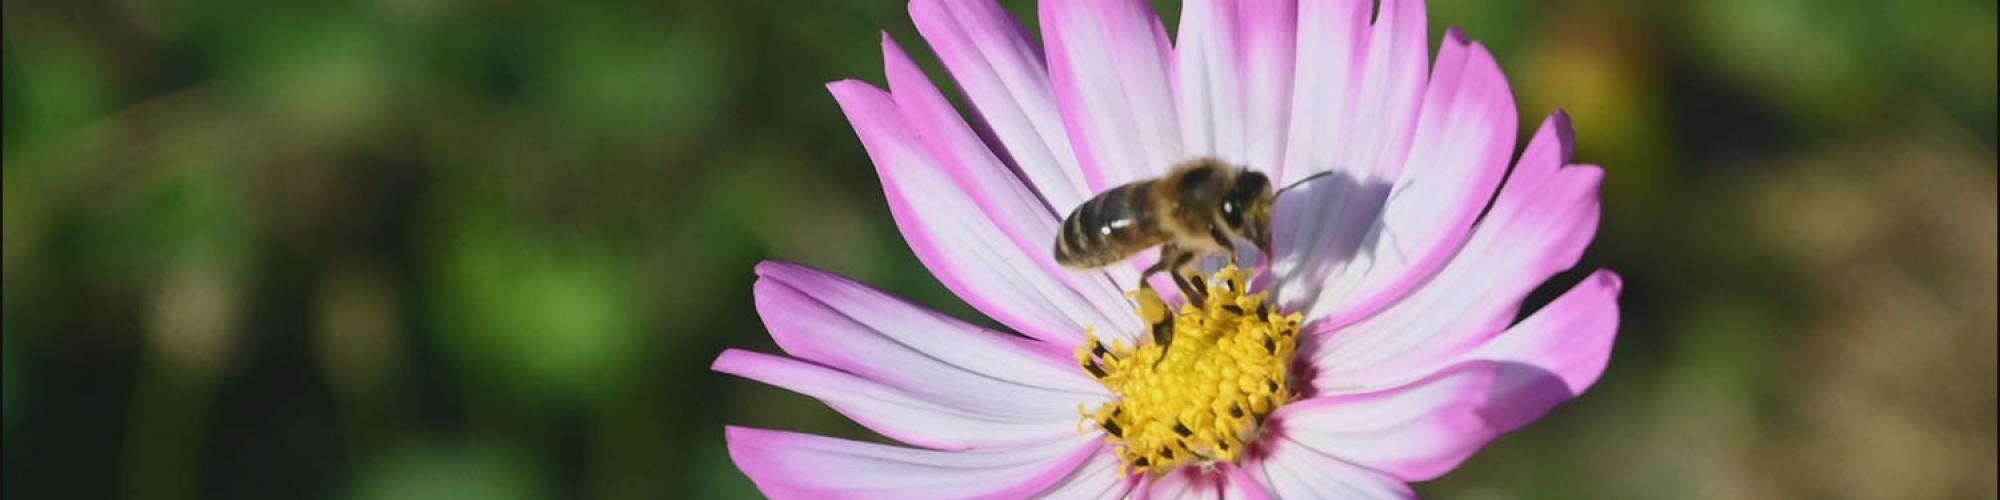 Barbe d'abeilles